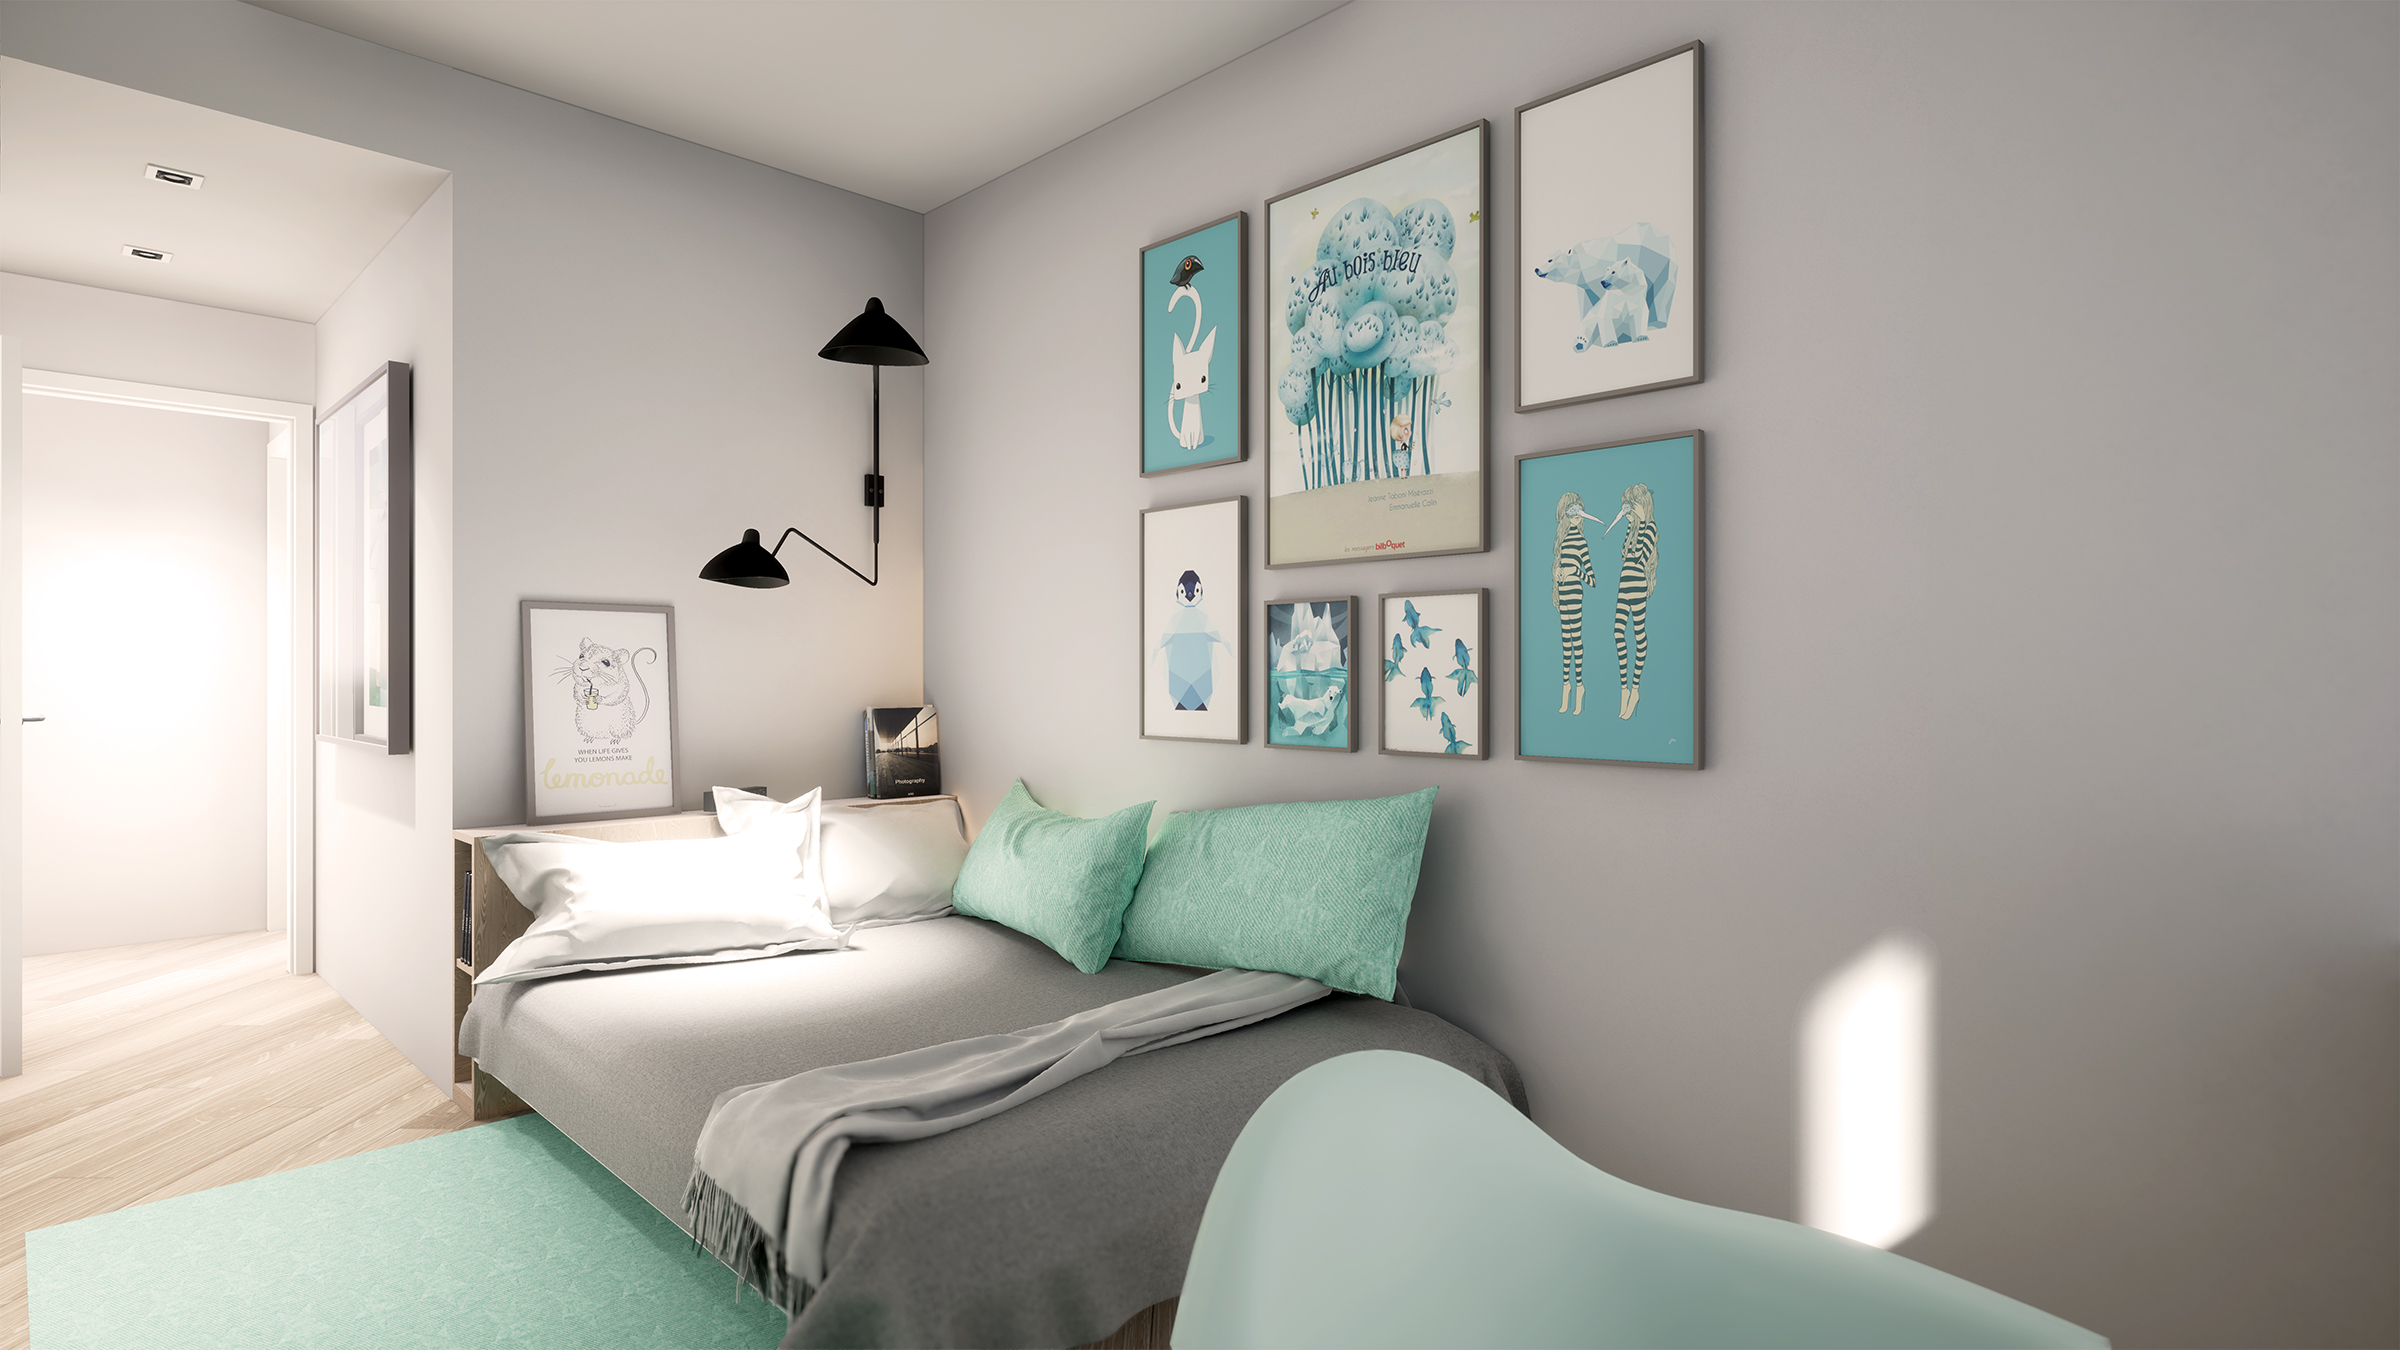 Dormitorio infantil esparza arquitectura